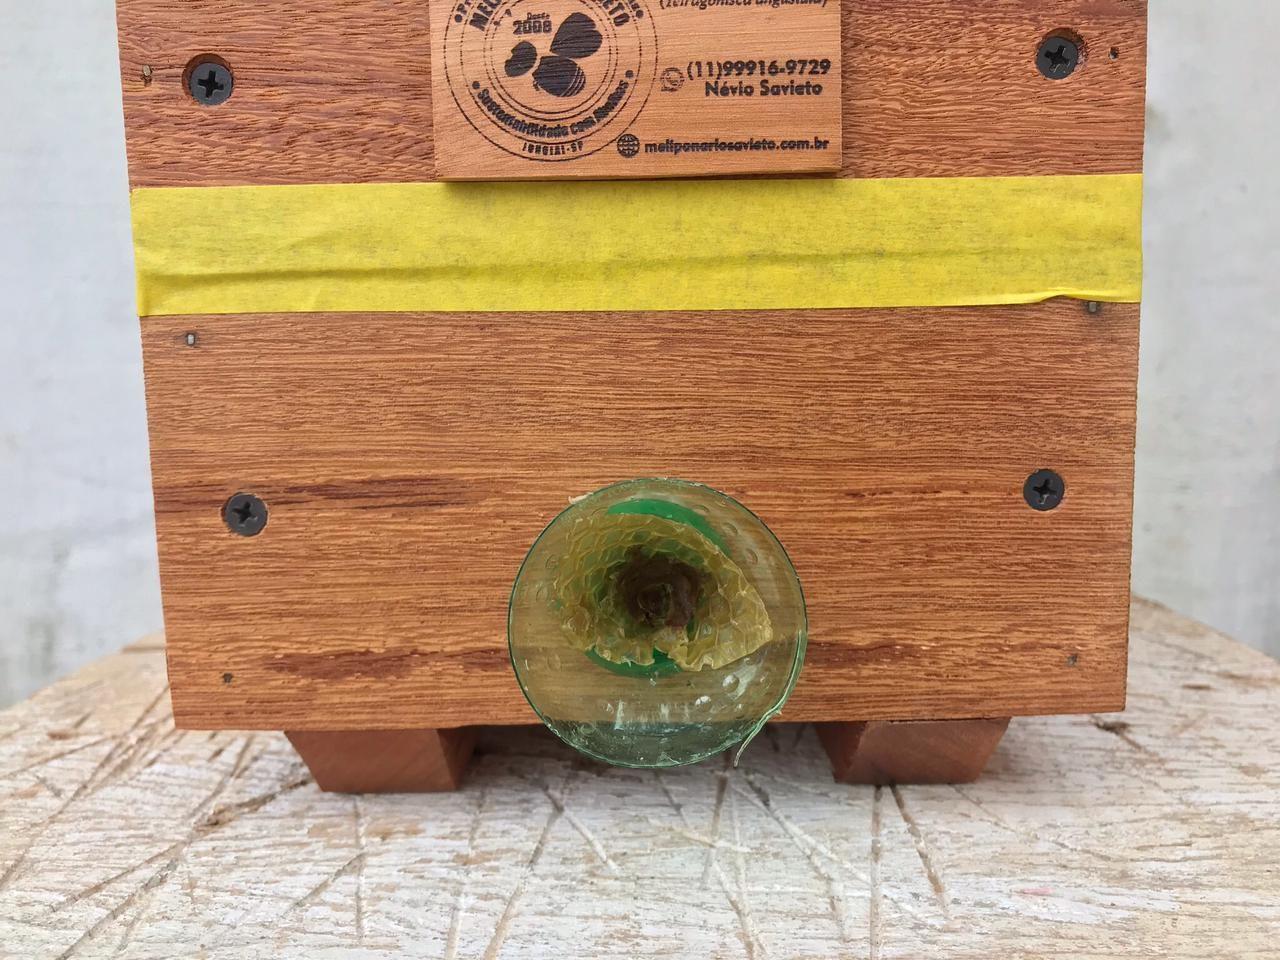 caixa de abelhas de madeiras